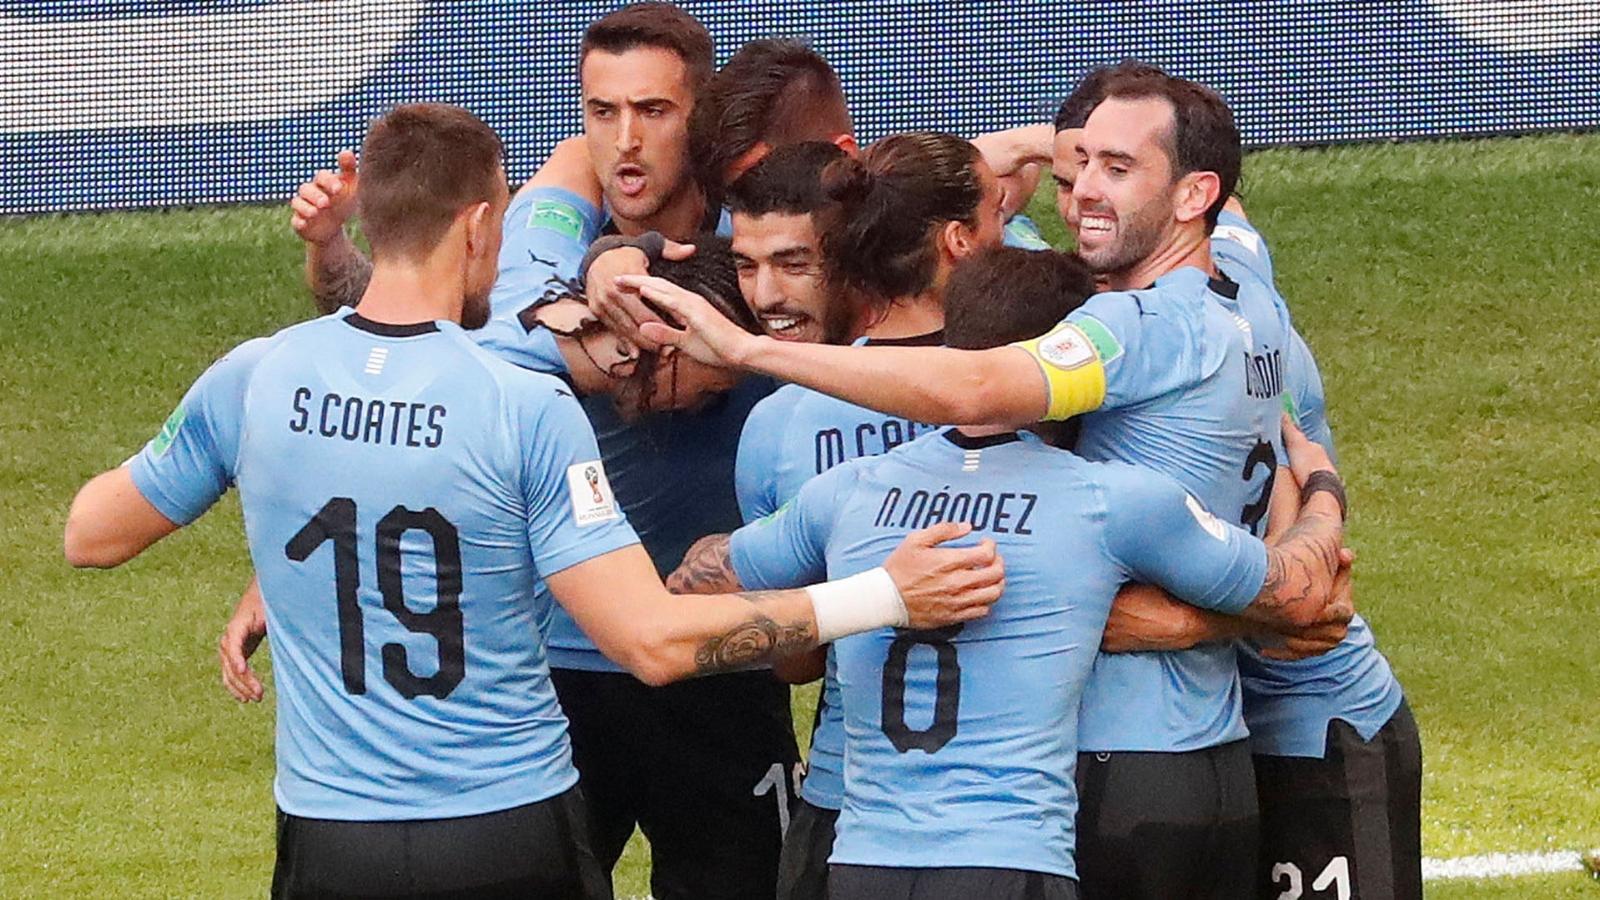 VÍDEO: A Uruguay cuando pierde a uno de sus atacantes le suele ir mal (Analisis)